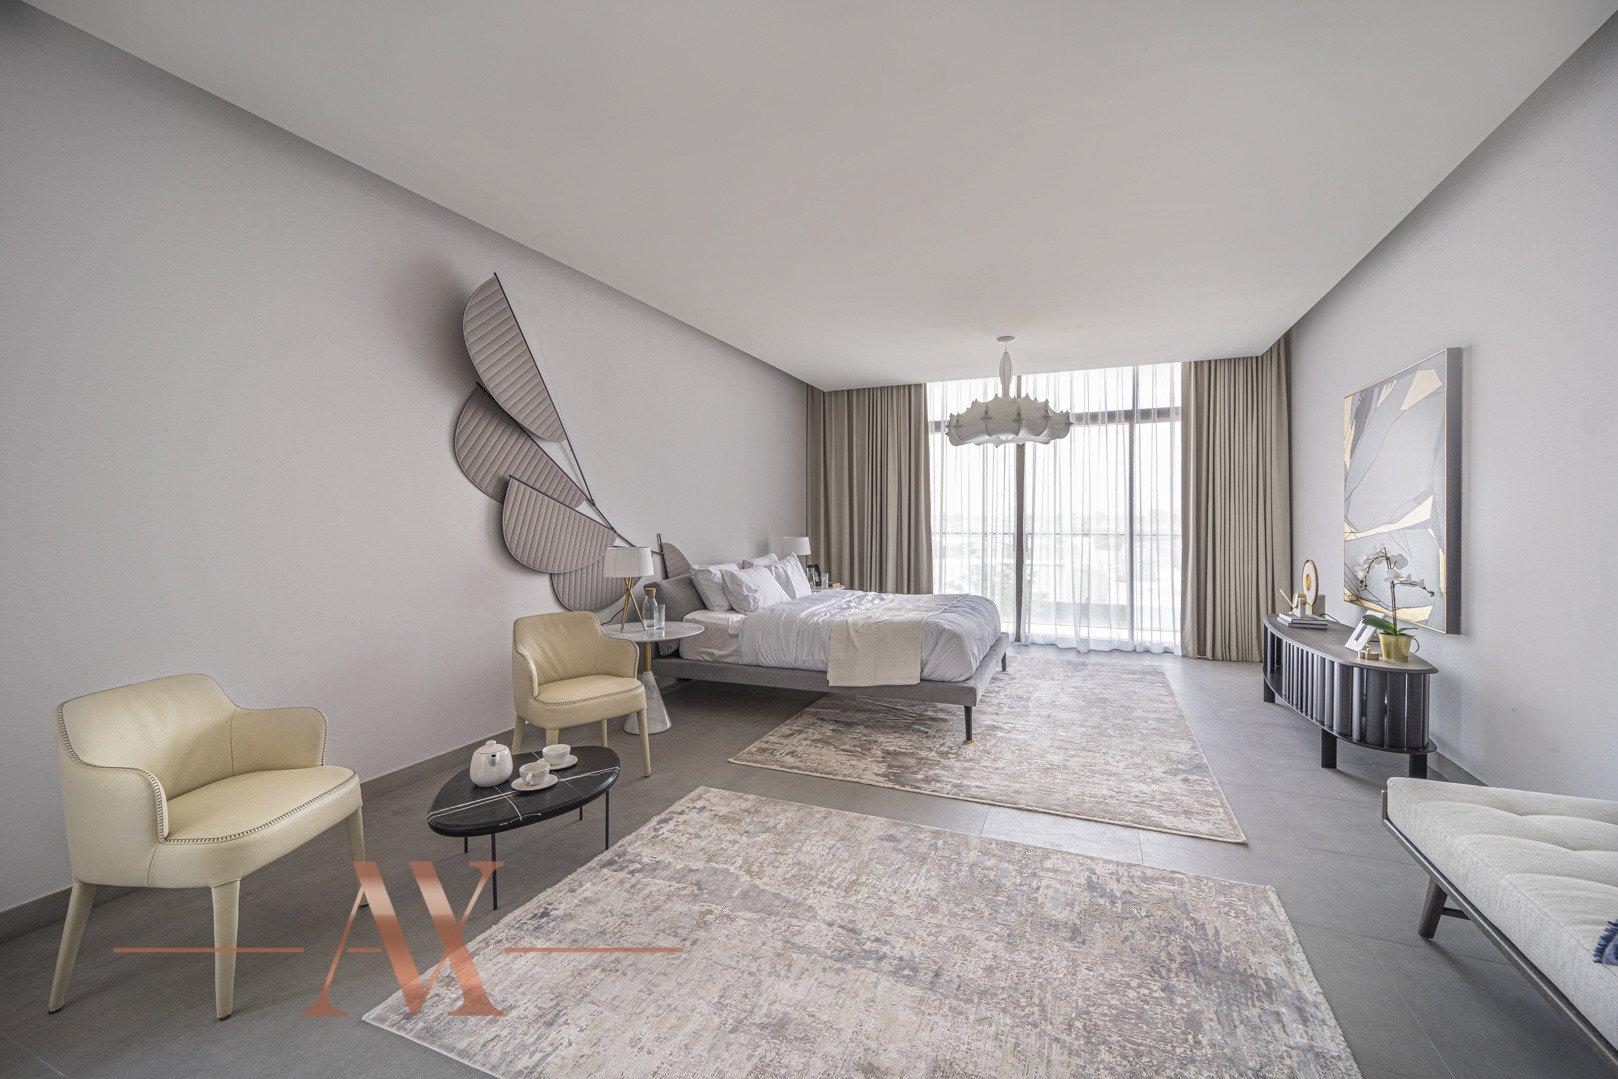 Villa en venta en Dubai, EAU, 4 dormitorios, 659.6 m2, № 23710 – foto 14